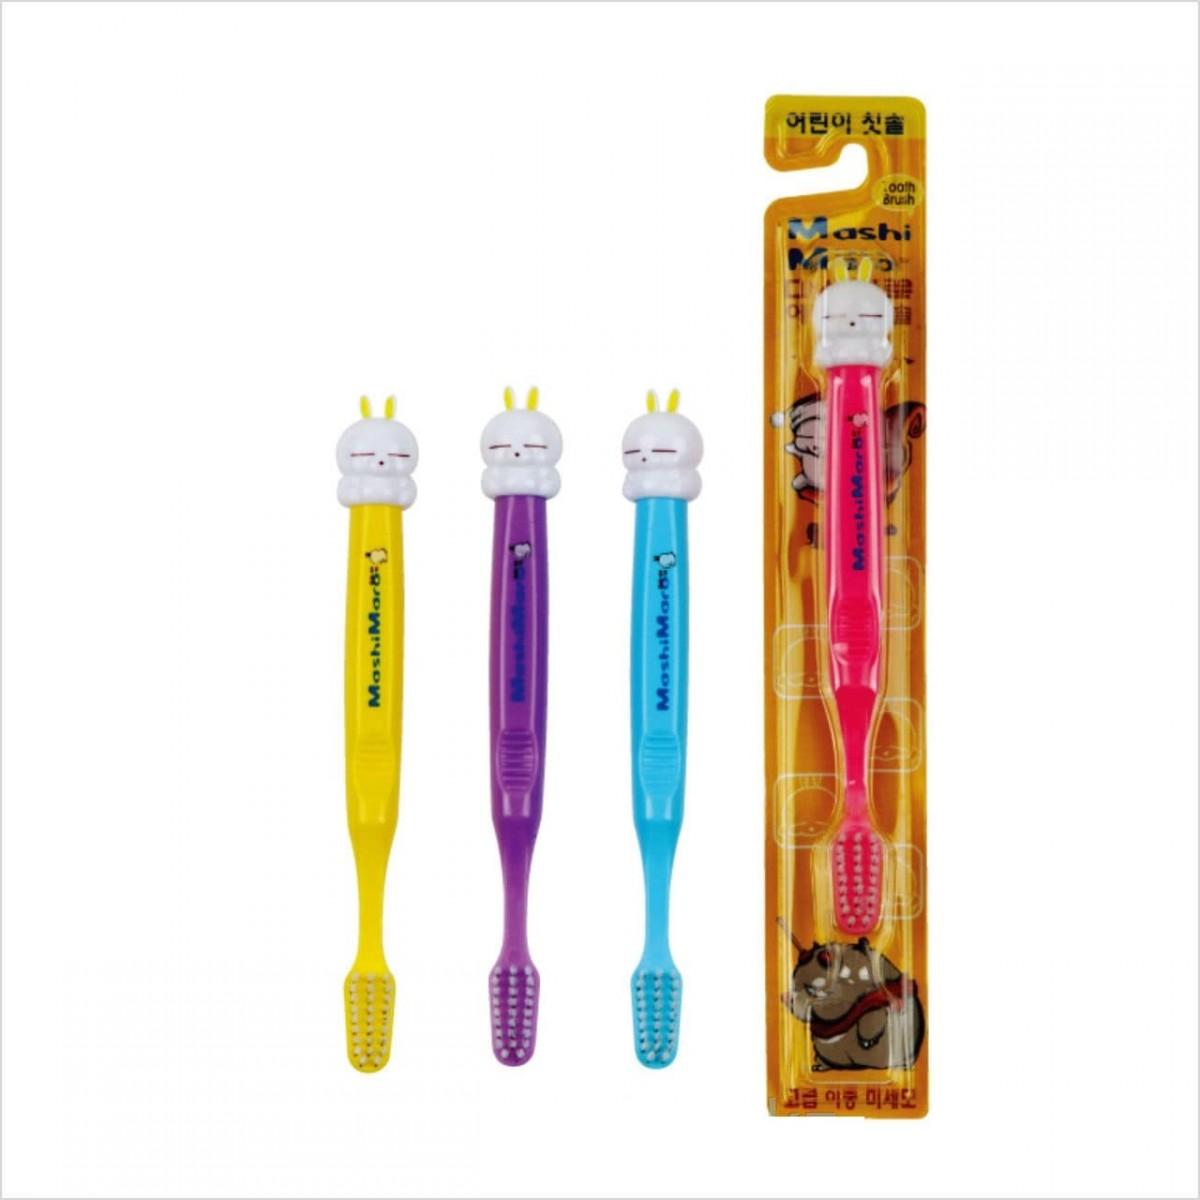 MashiMaro Character Kids Toothbrush [Kerasys]